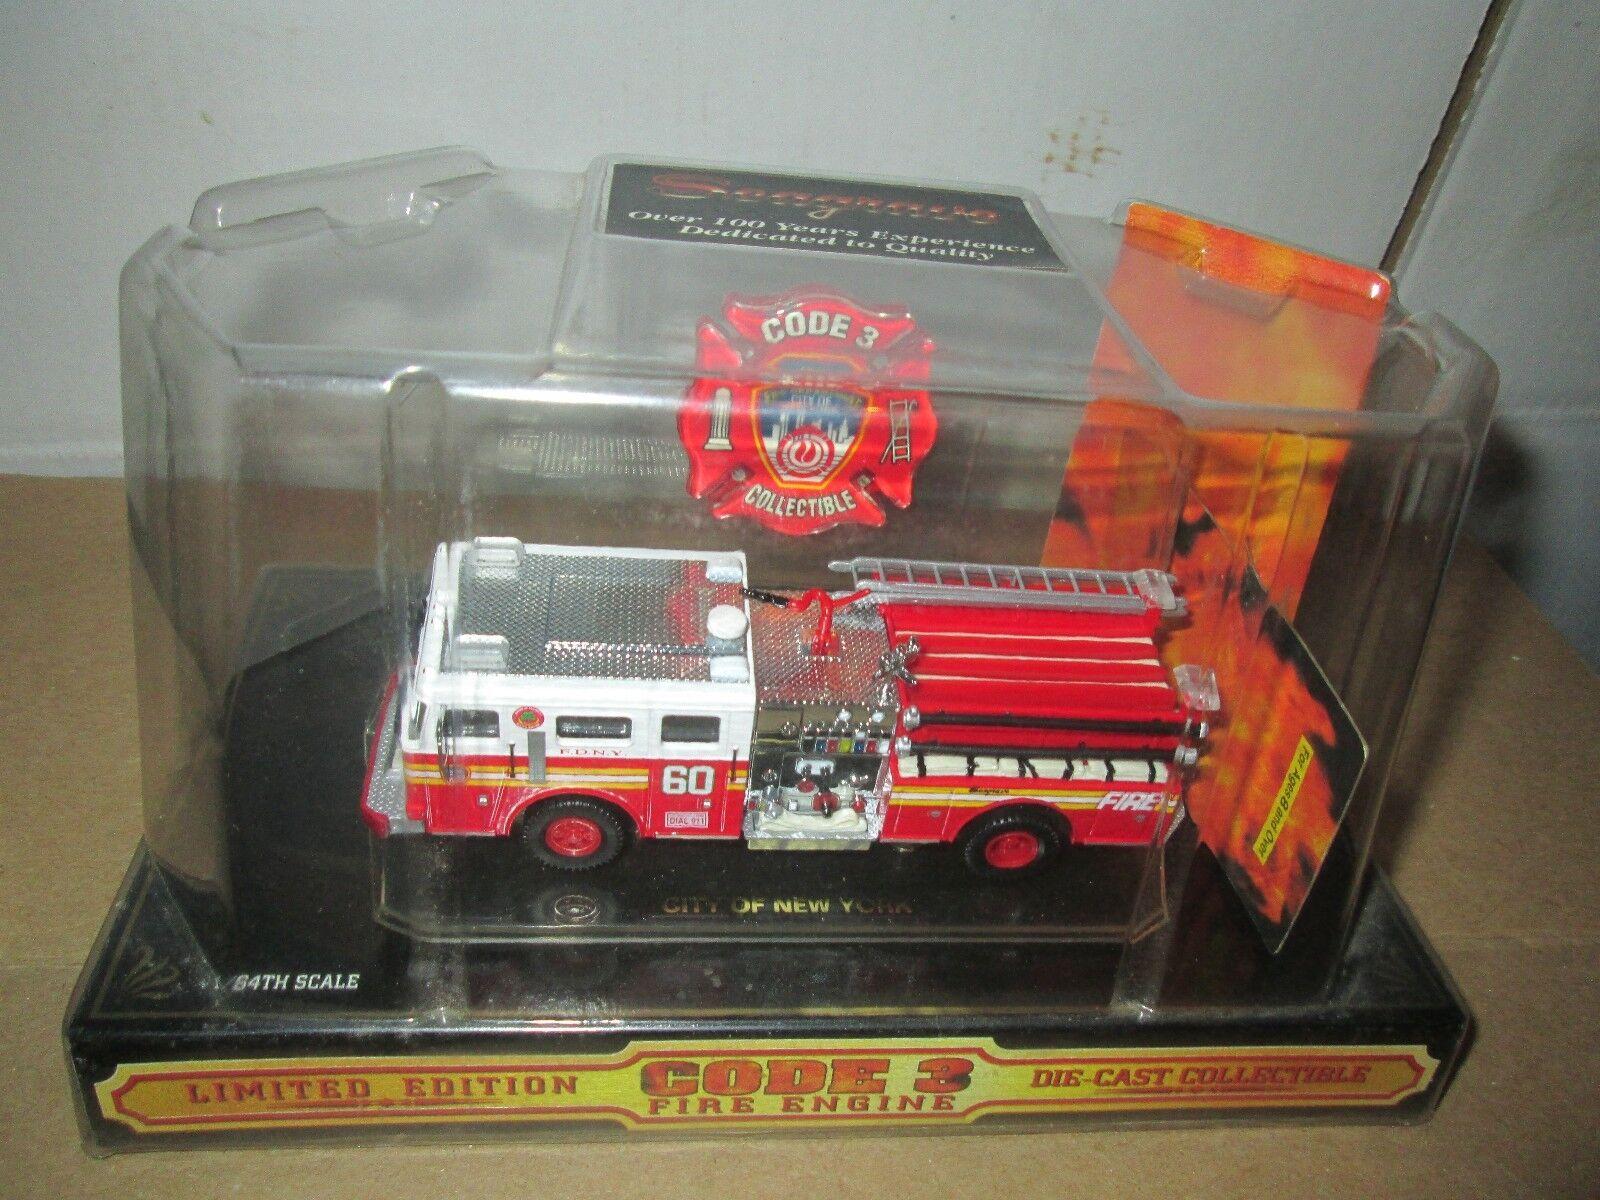 Código 3 - 1   64 bomba de bomberos de la ciudad de Nueva York 60 02453 camión seagrave